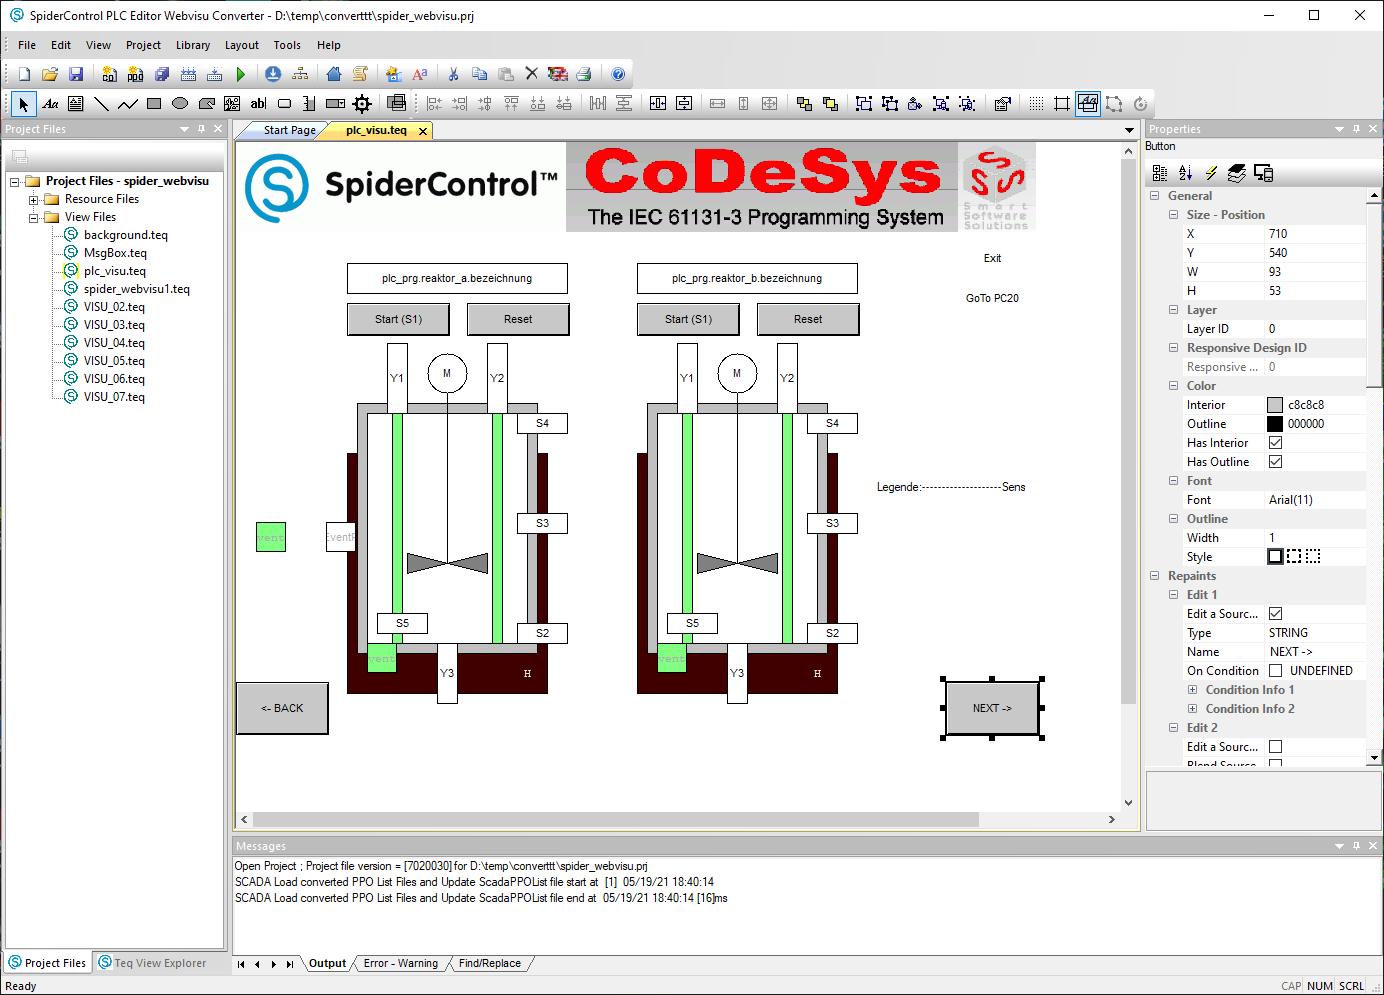 Tool für Codesys-Webvisu-Konversion in HTML5